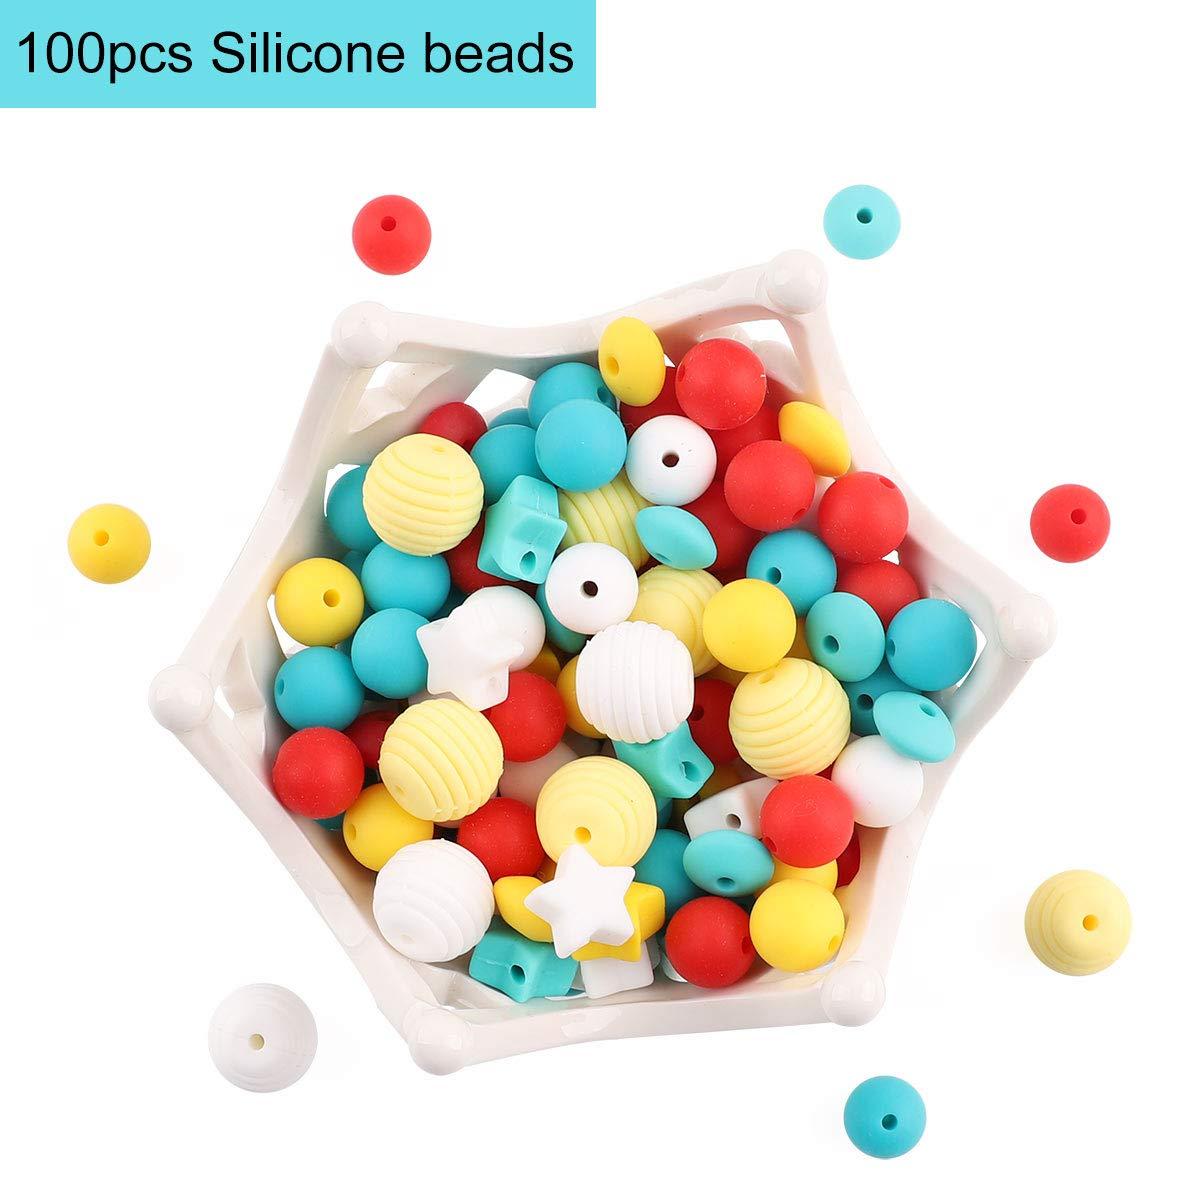 lets make 100pc Silikon Bei/ßring Perlen Lebensmittelqualit/ät Pflegezubeh/ör Gelbe Serie DIY Halskette//Armband Baby Schnullerkette Schmuck Kinderkrankheiten Spielzeug